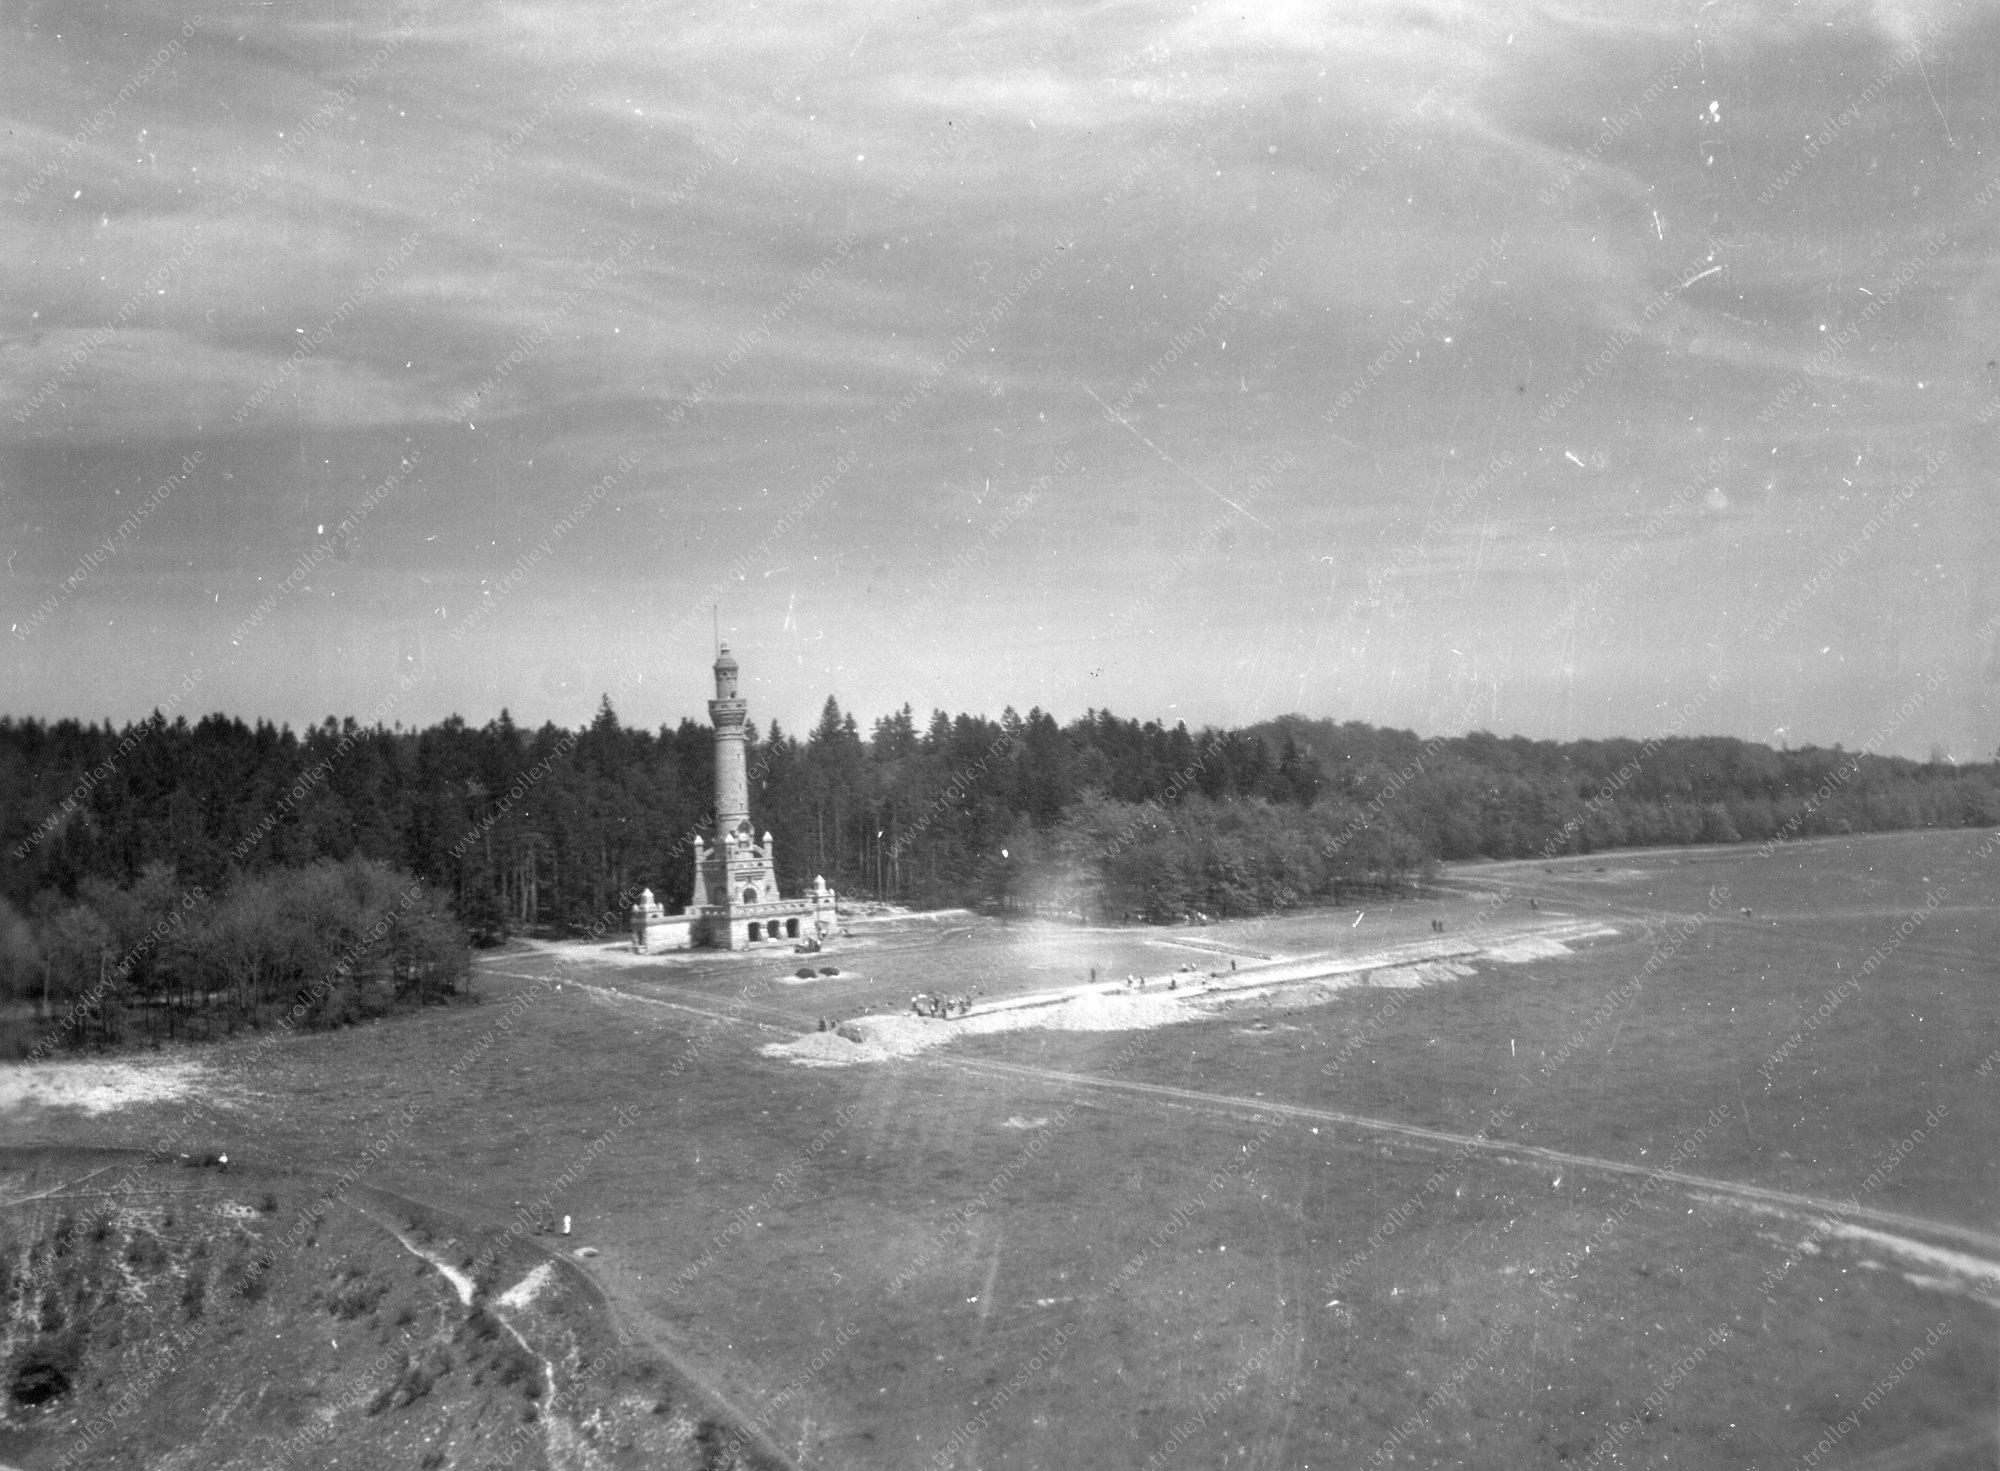 Luftbild Bismarckturm bei Weimar auf dem Ettersberg im Zweiten Weltkrieg